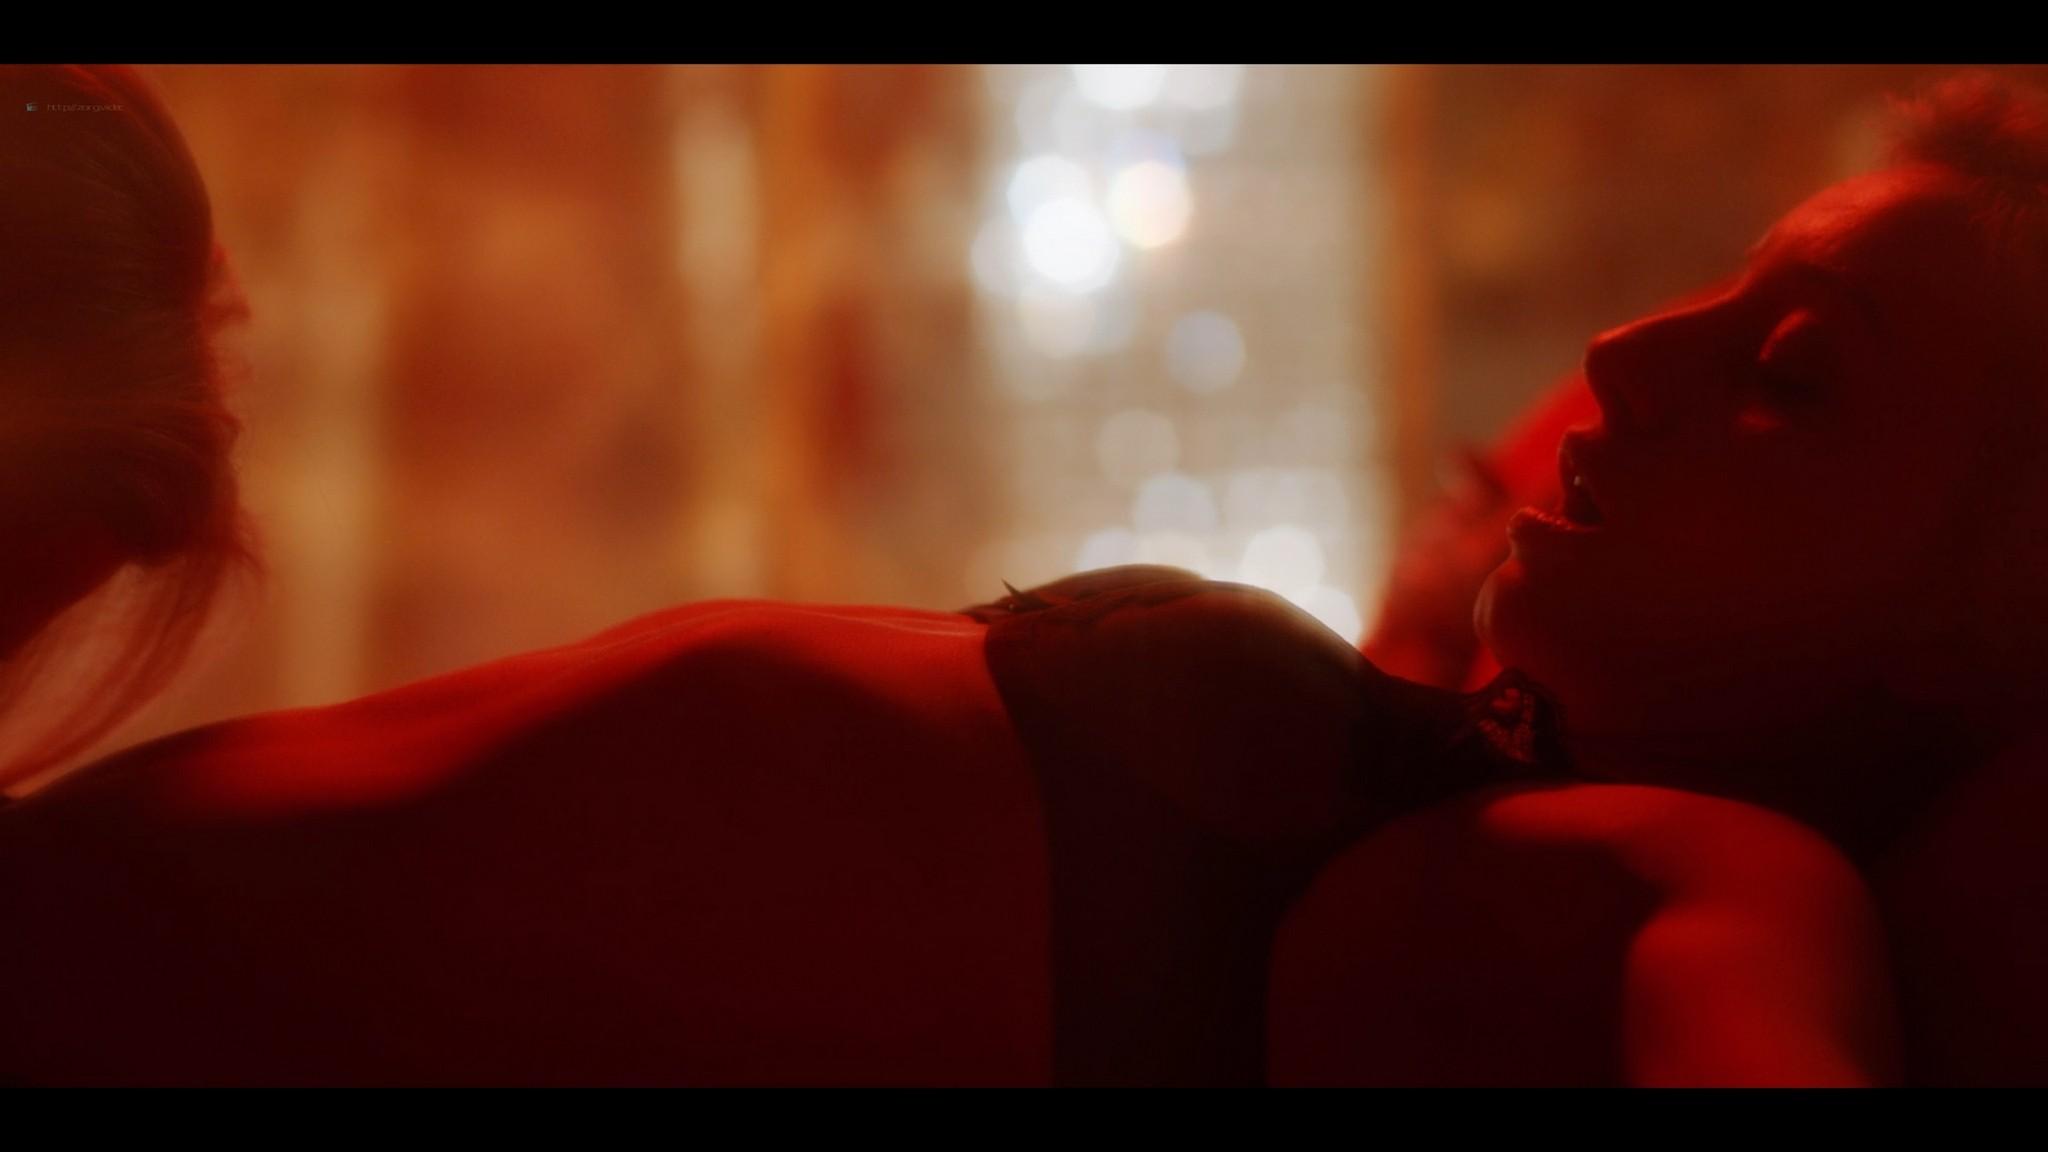 Anne-Laure Vandeputte nude topless Nienke van Hofslot nude sex etc - Women of the Night (2019) s1e7-10 HD 1080p (10)